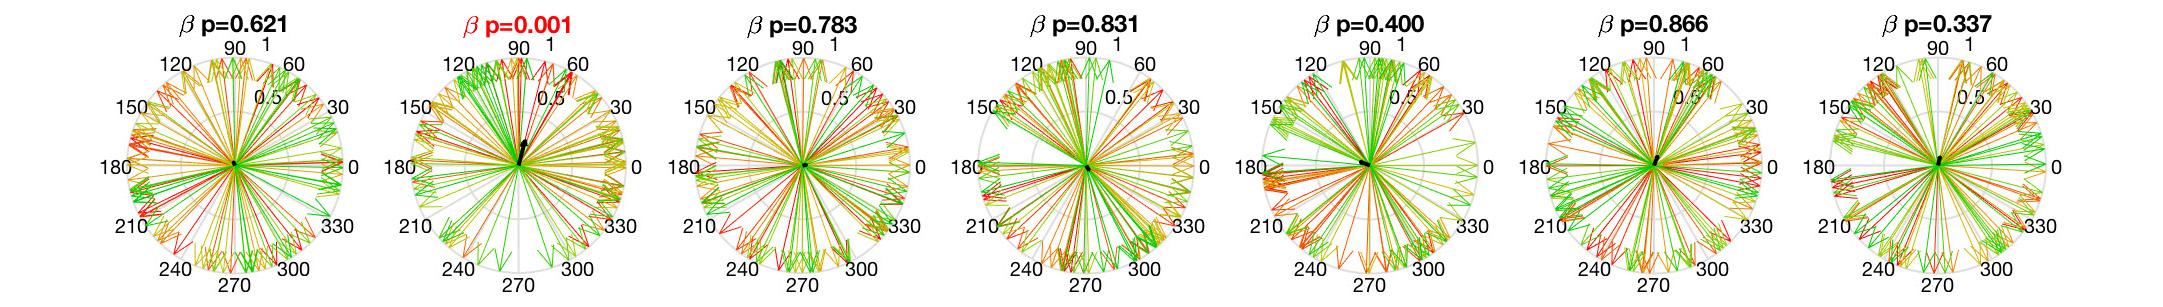 phasePlot_mycmap.jpg